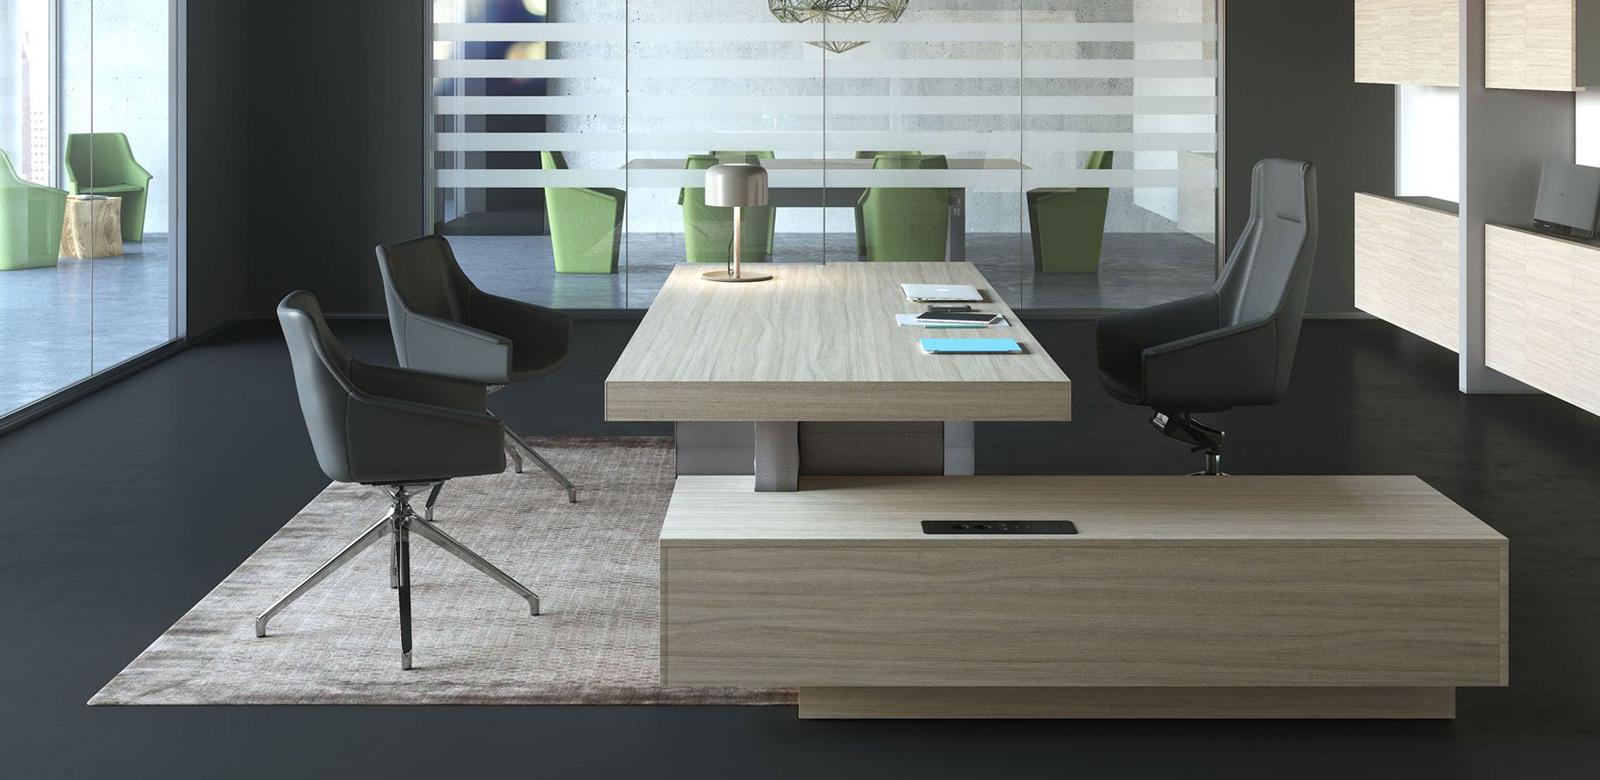 Arredo ufficio arredamento e mobili per ufficio su misura for Arredo ufficio design outlet